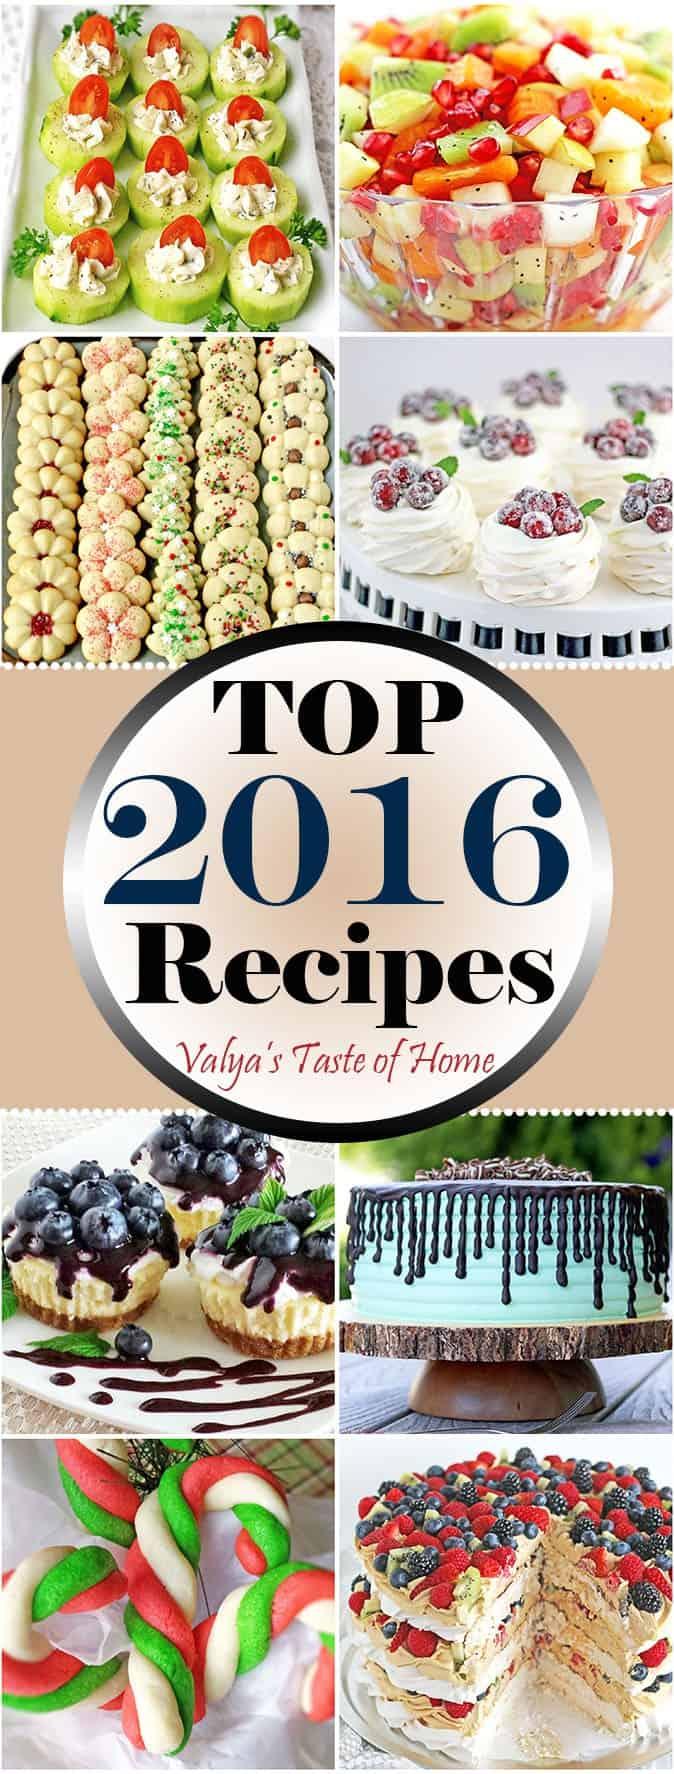 Top 2016 Recipes